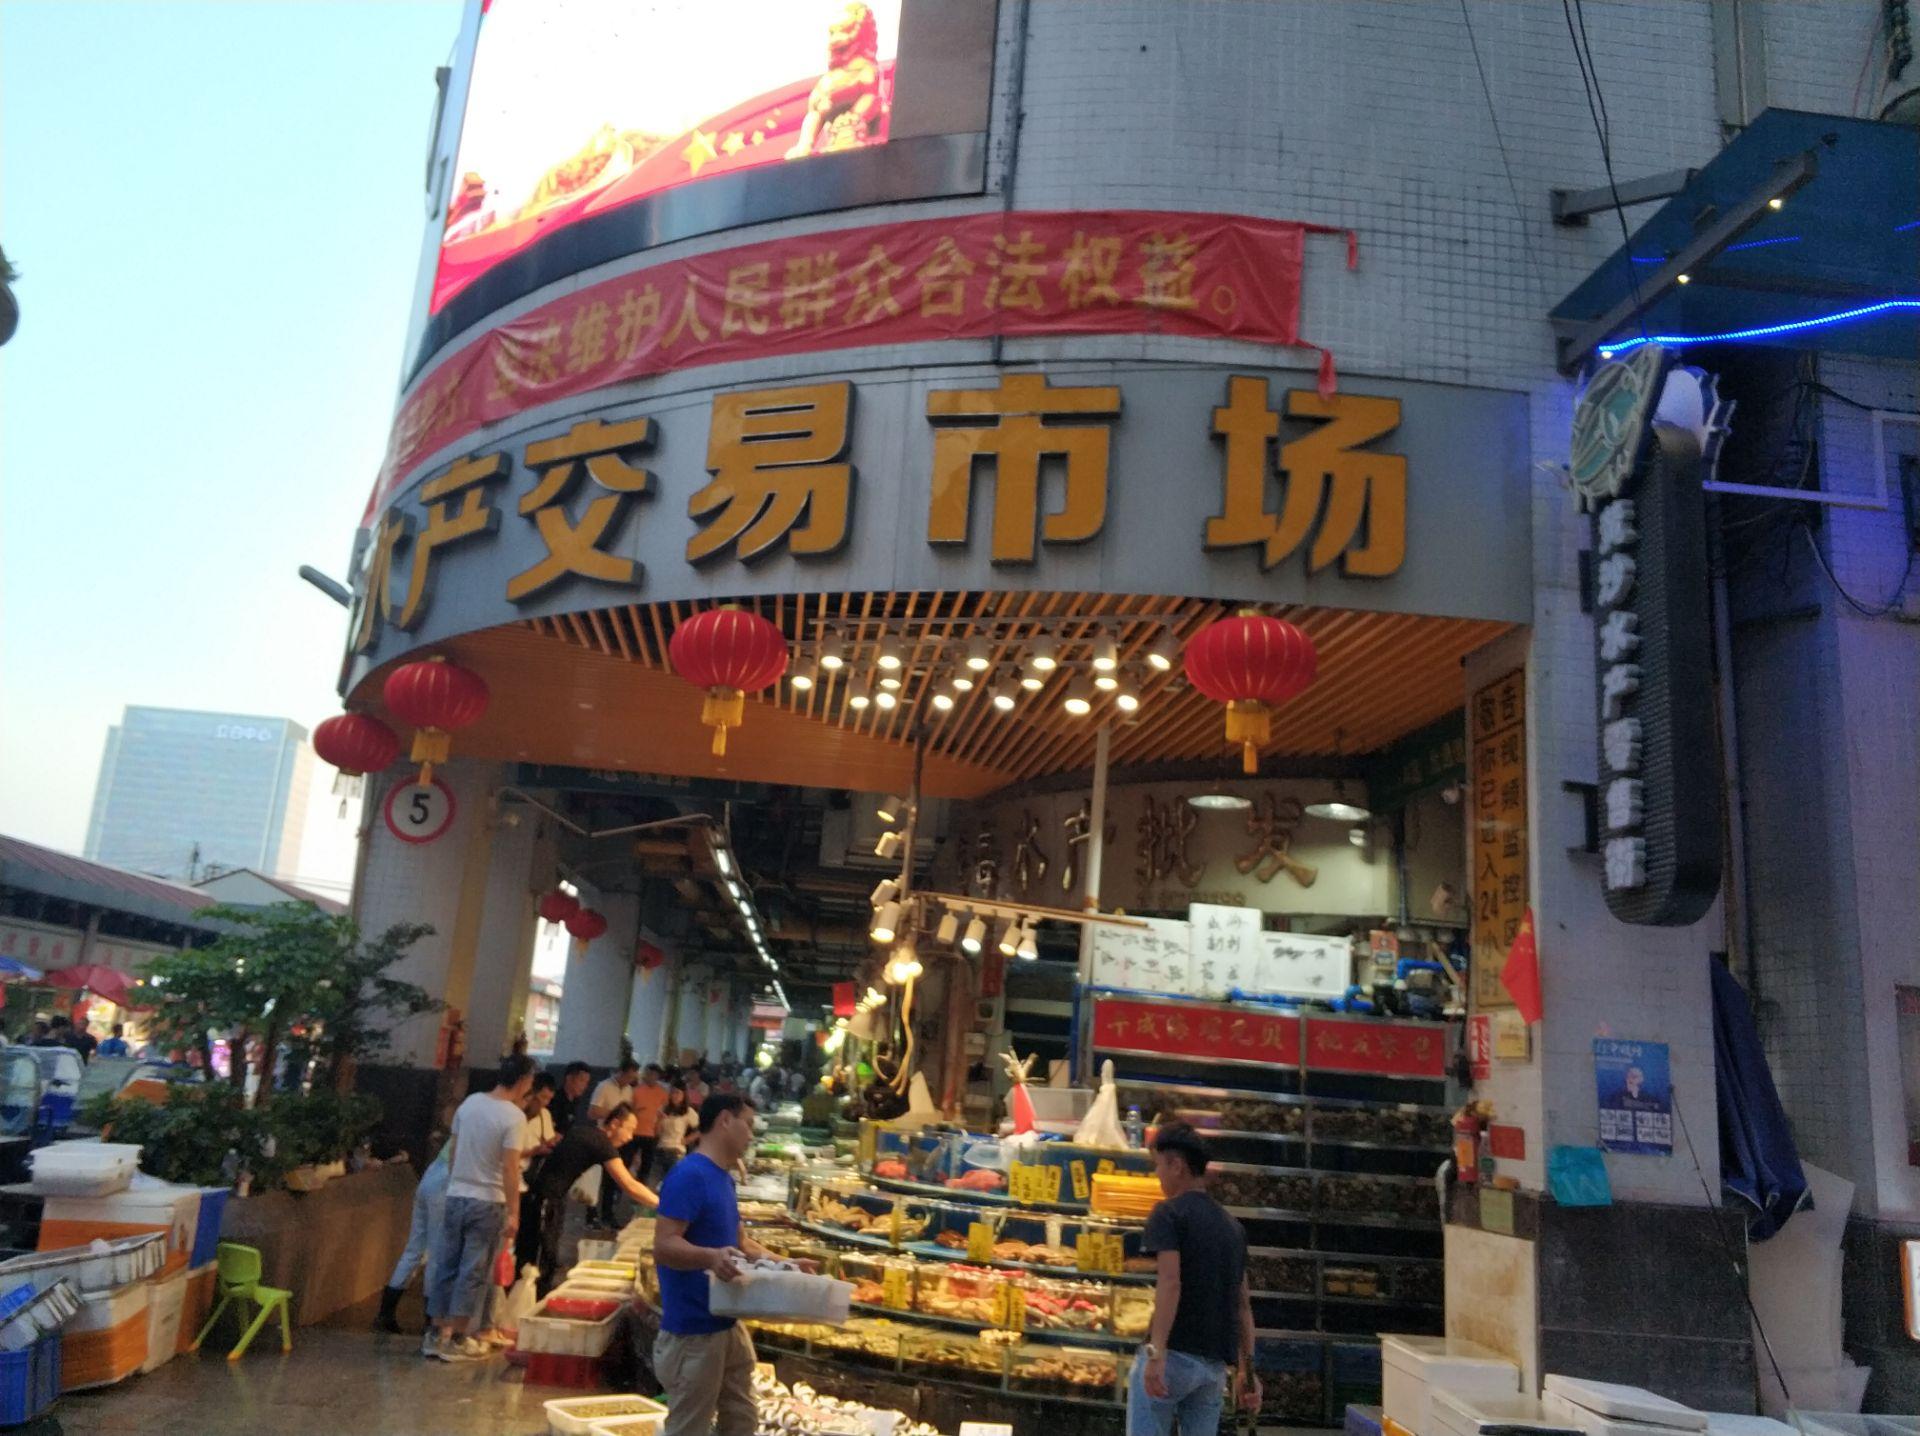 广州水产市场_【携程攻略】广州黄沙海鲜水产交易市场购物,黄沙水产市场一直 ...